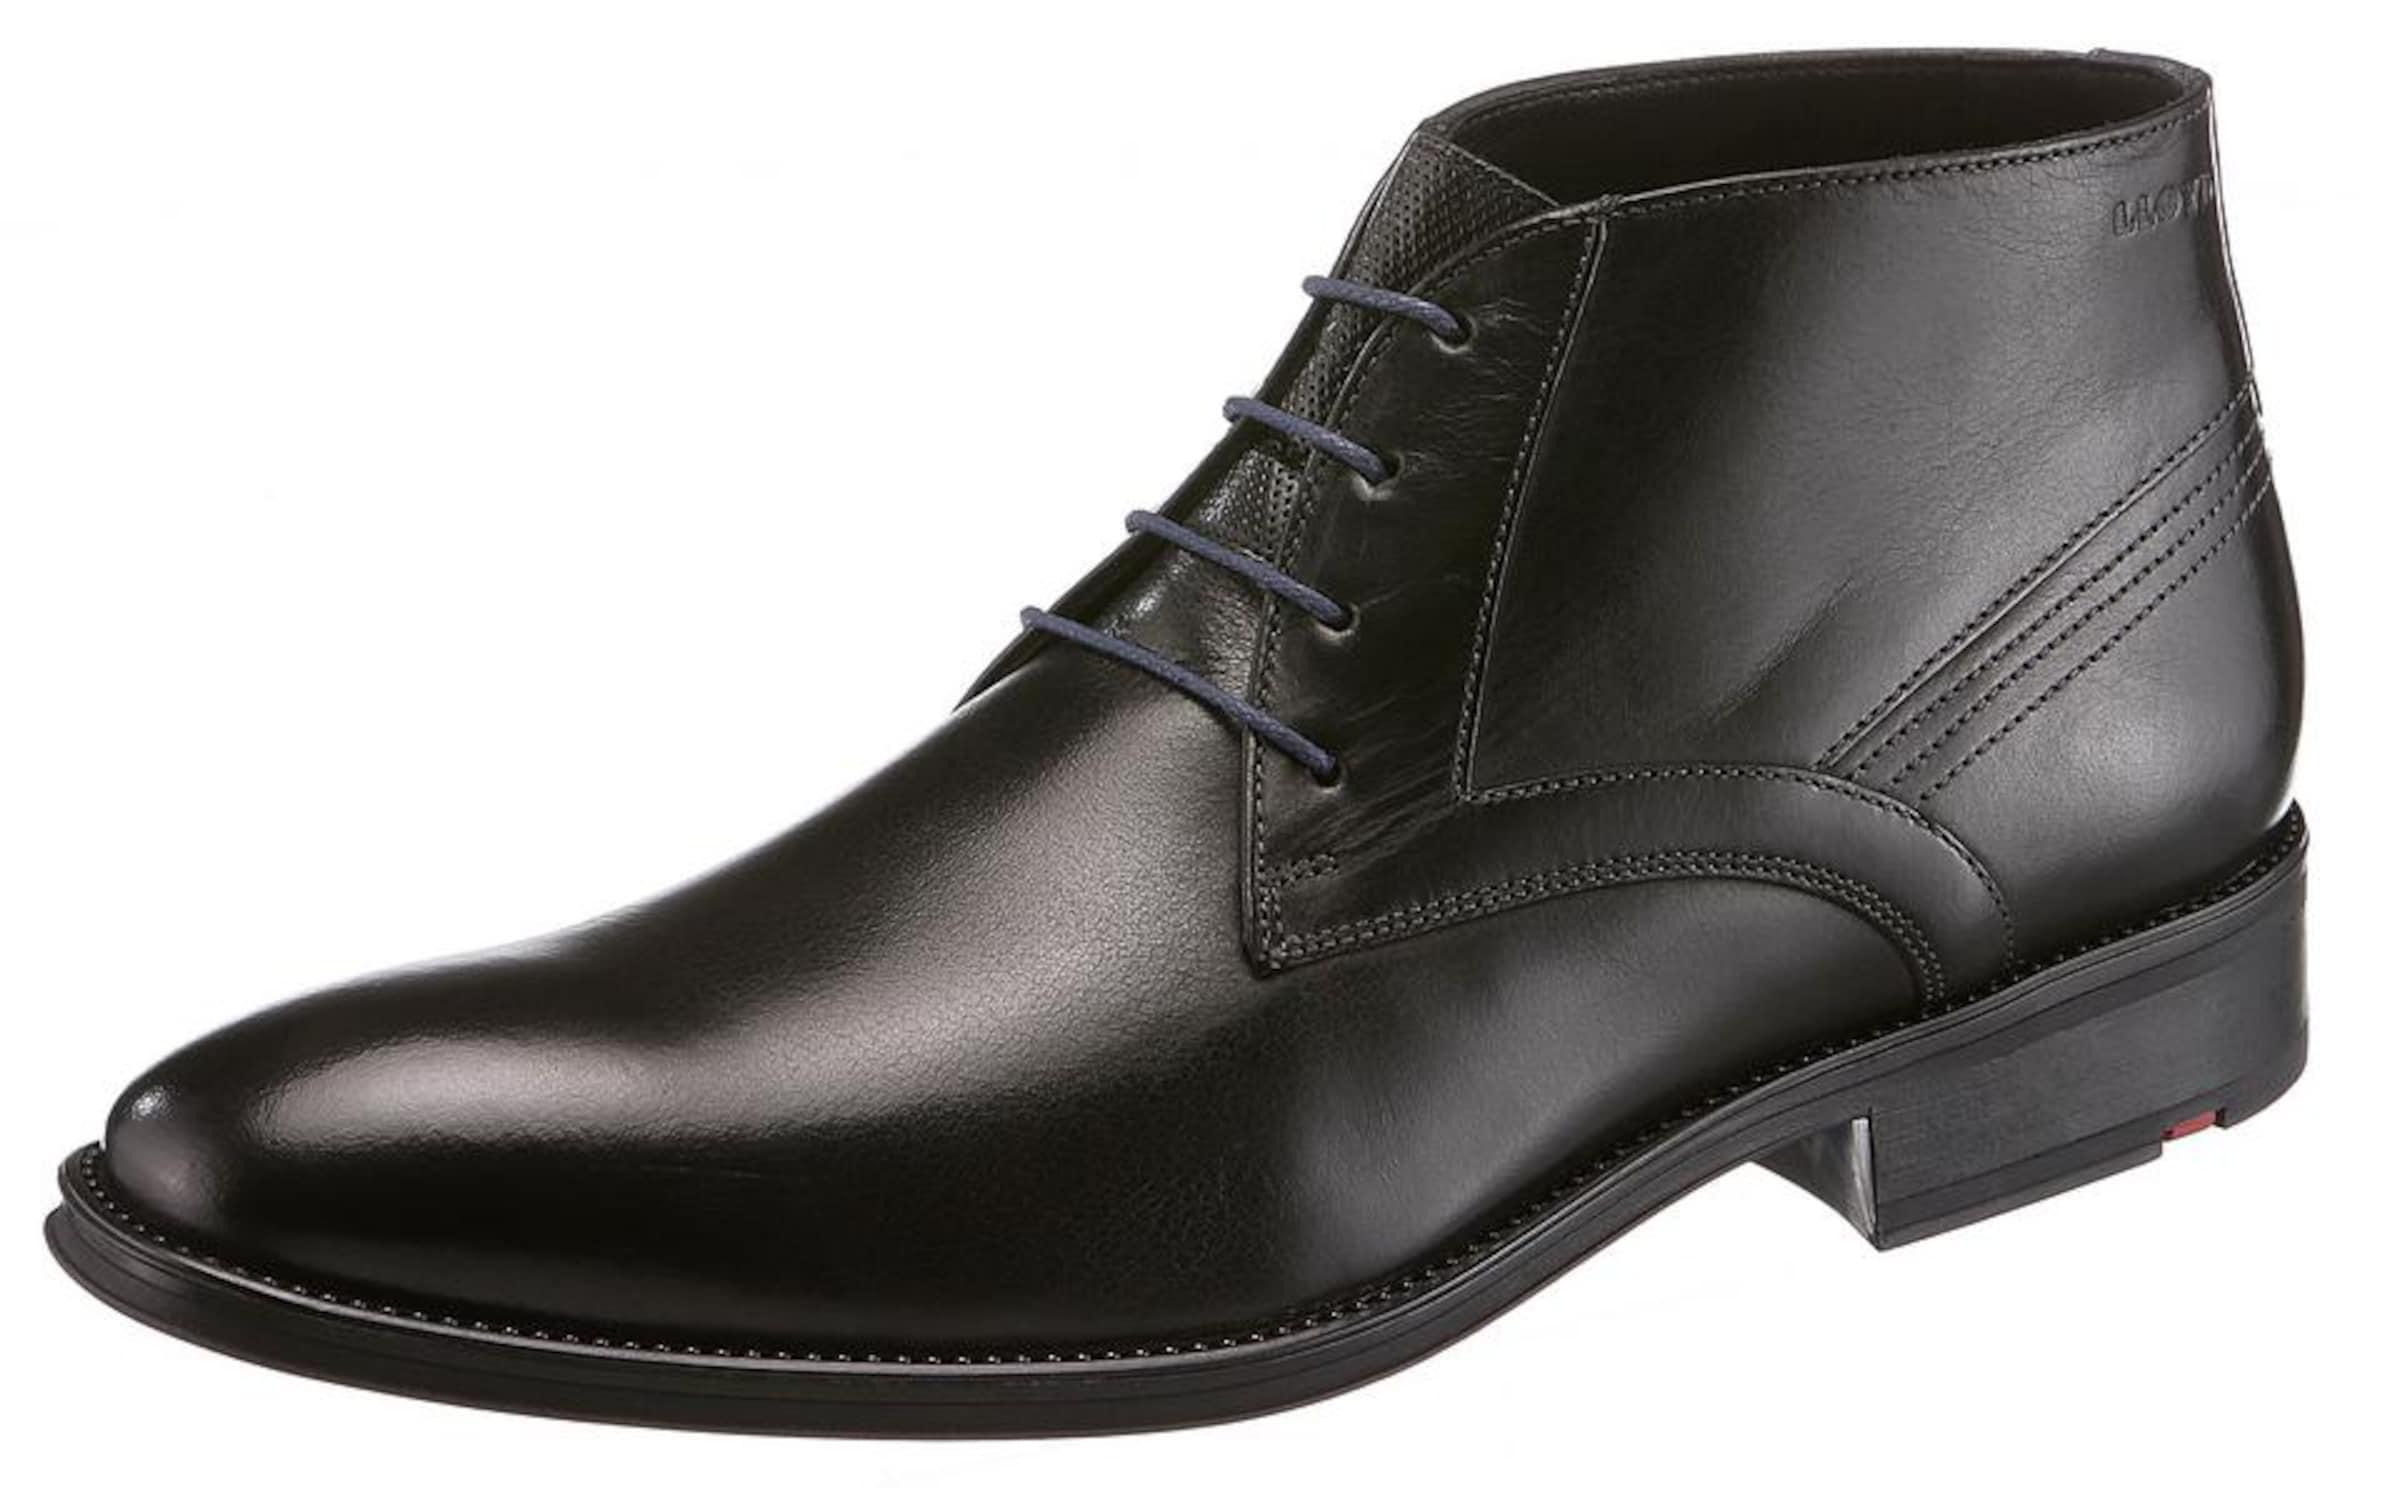 LLOYD Schnürschuhe Gabun Verschleißfeste billige Schuhe